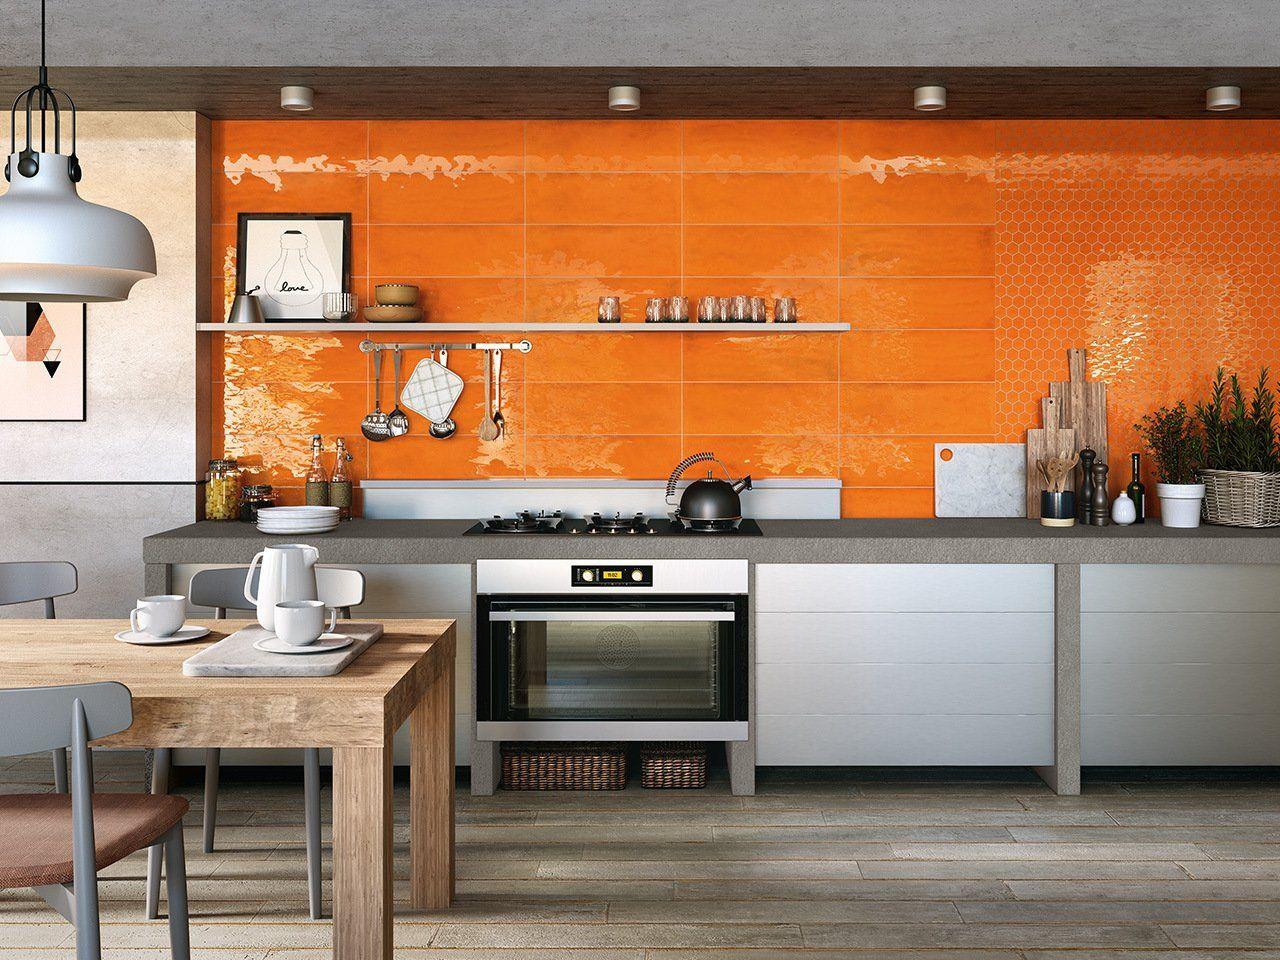 Piastrelle Arancioni Per Bagno mosaico intinta mandarino 28,8x33,3 lucido esagonale